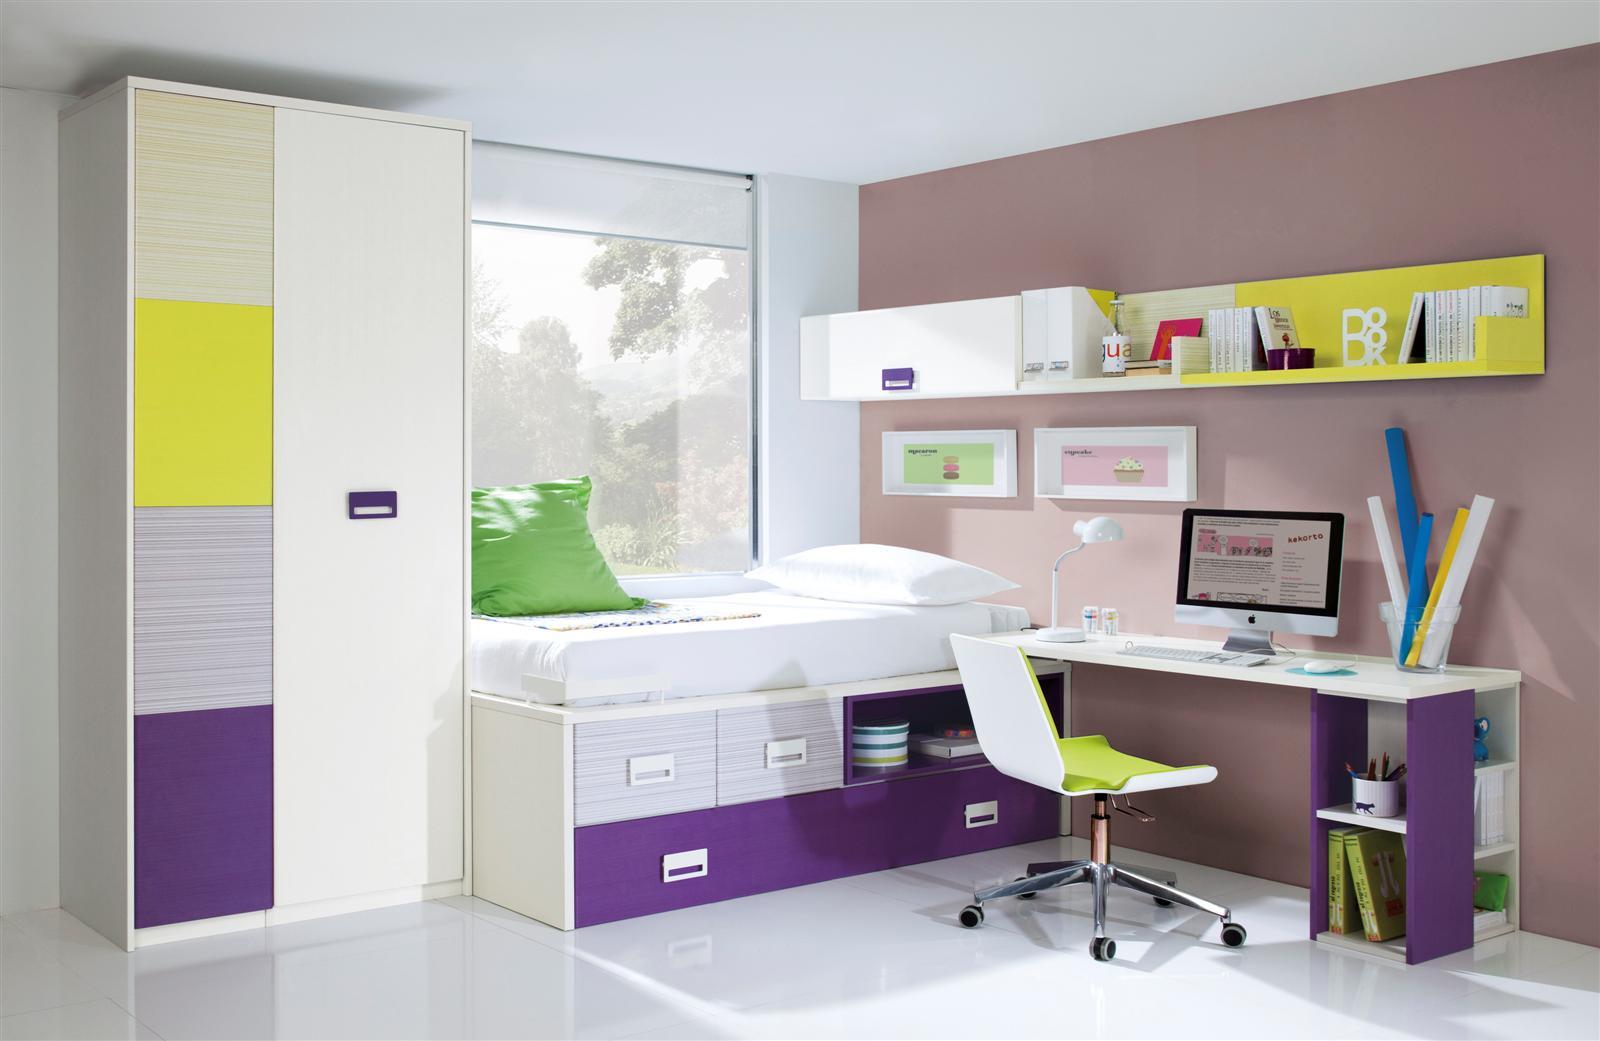 Dormitorio juvenil composicion n 02 cat logo de el rey de for Catalogo de camas